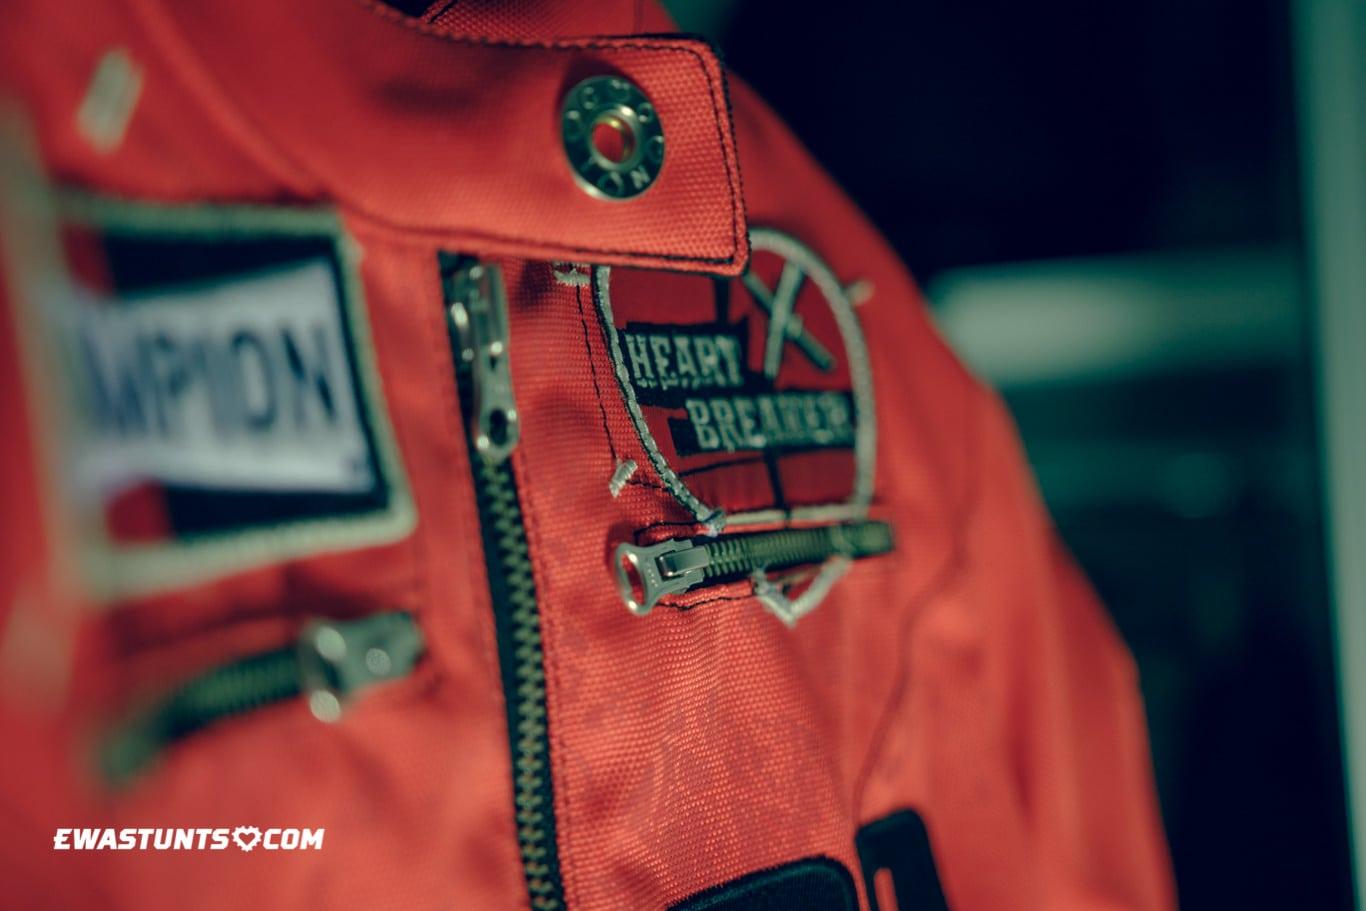 ewastunts_icon_jacket-18